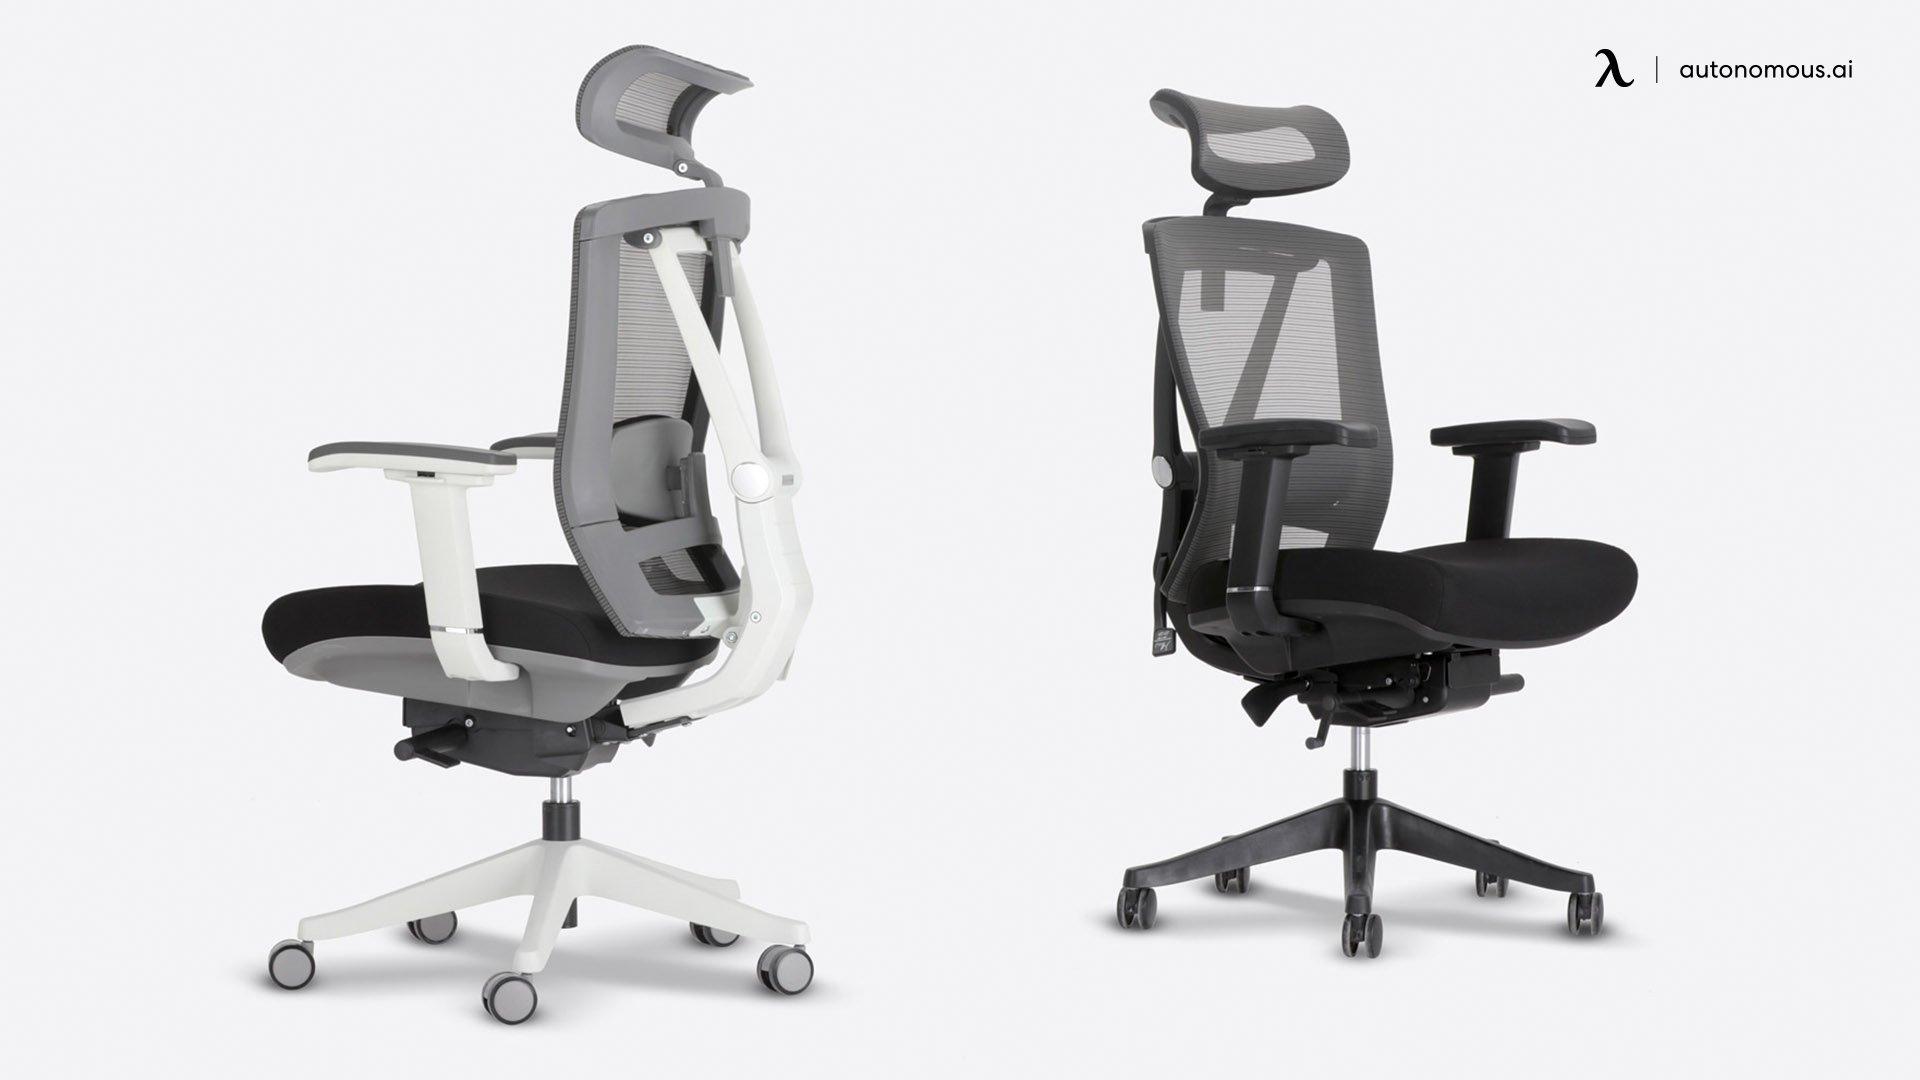 Autonomous Ergonomic Chair